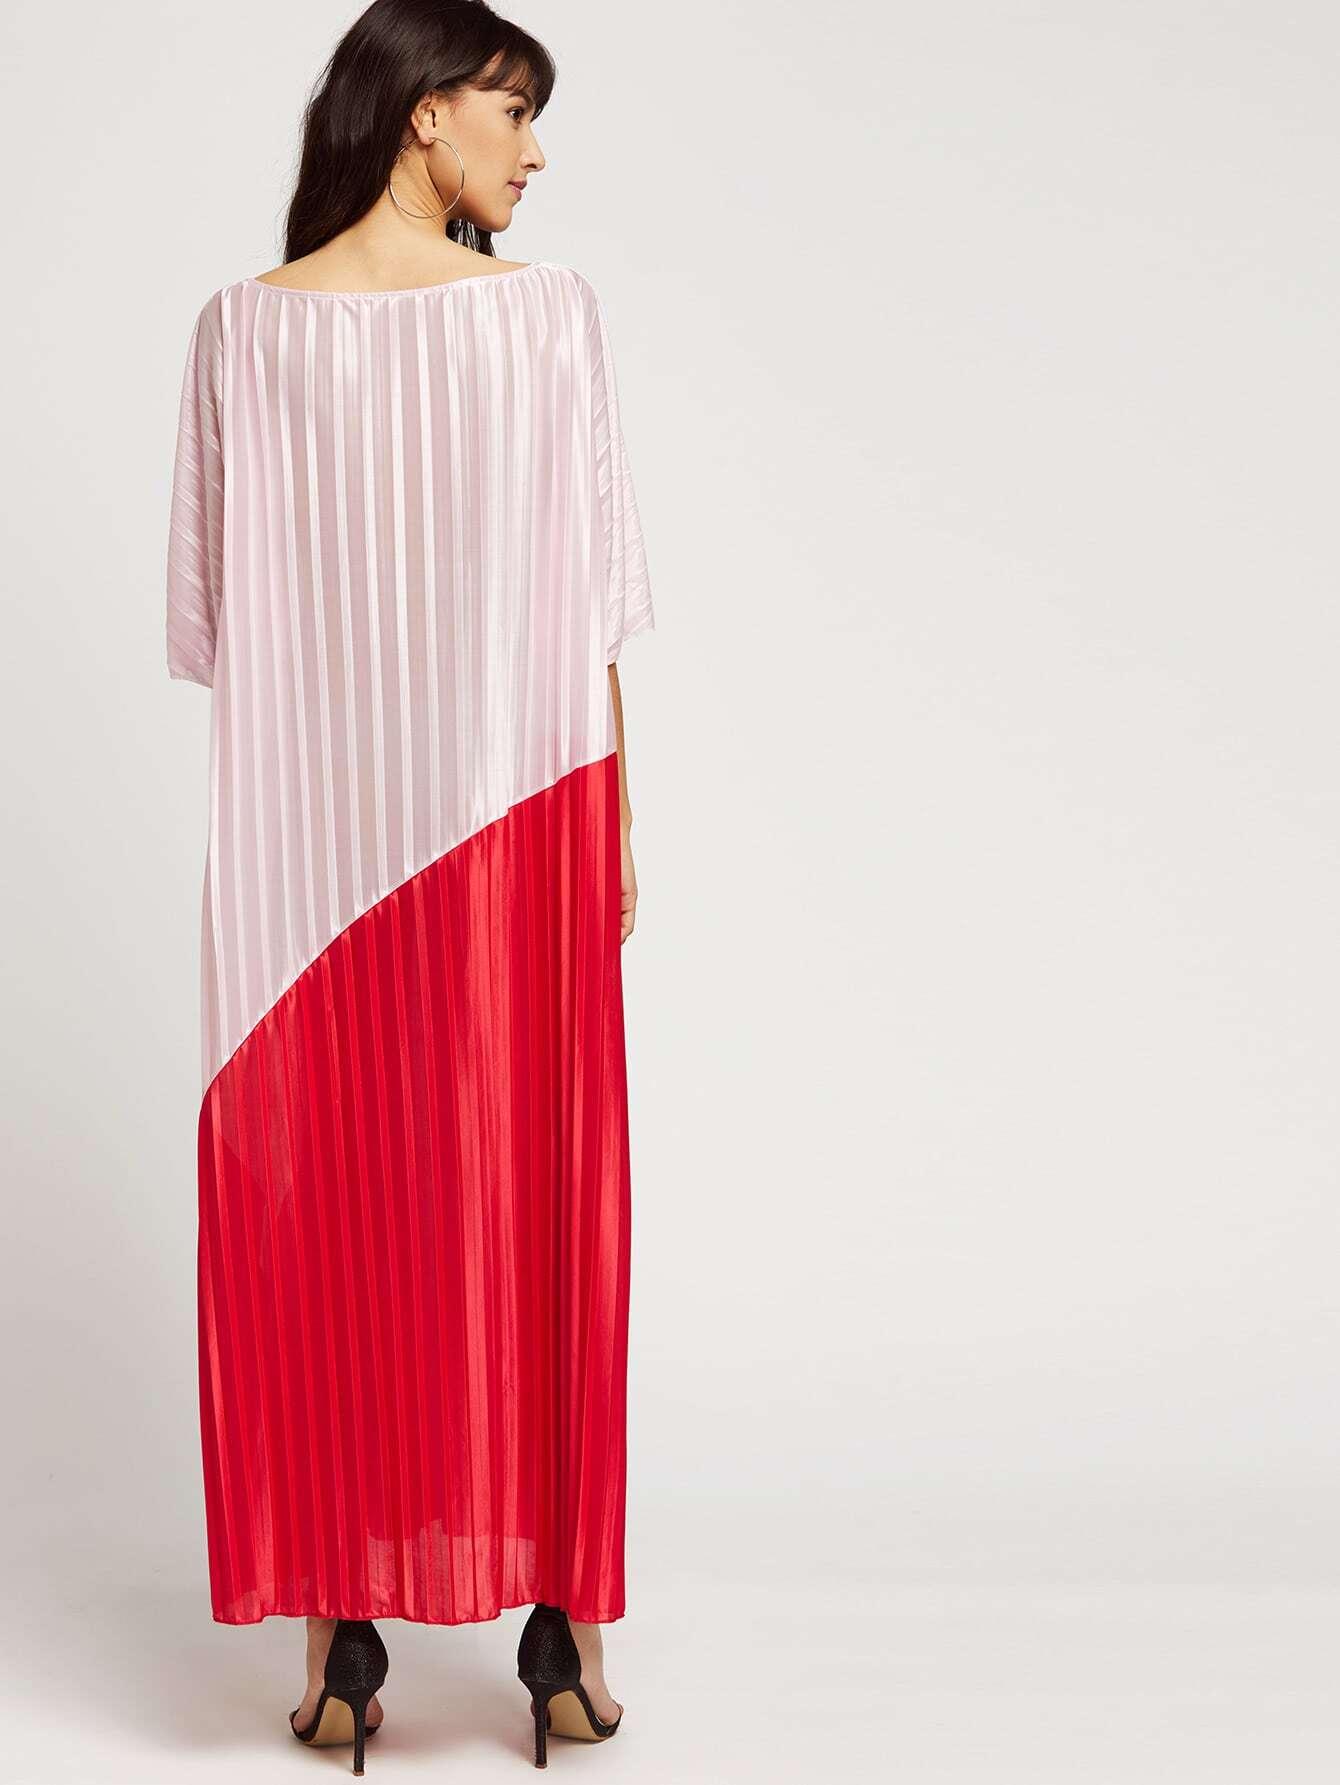 dress170403306_2